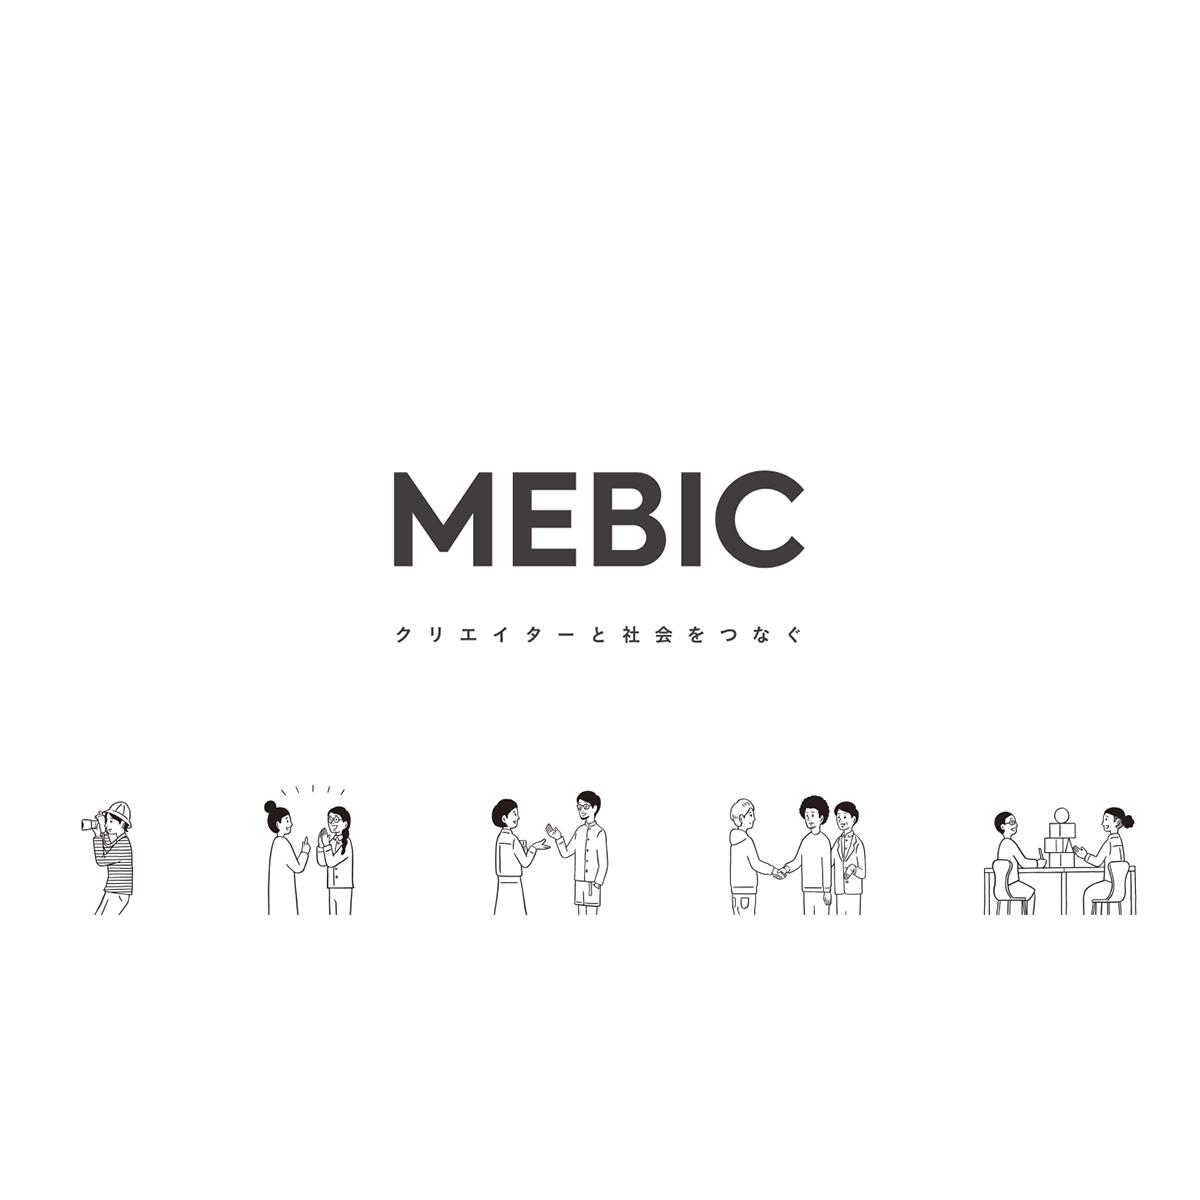 クリエイティブクラスター|MEBIC